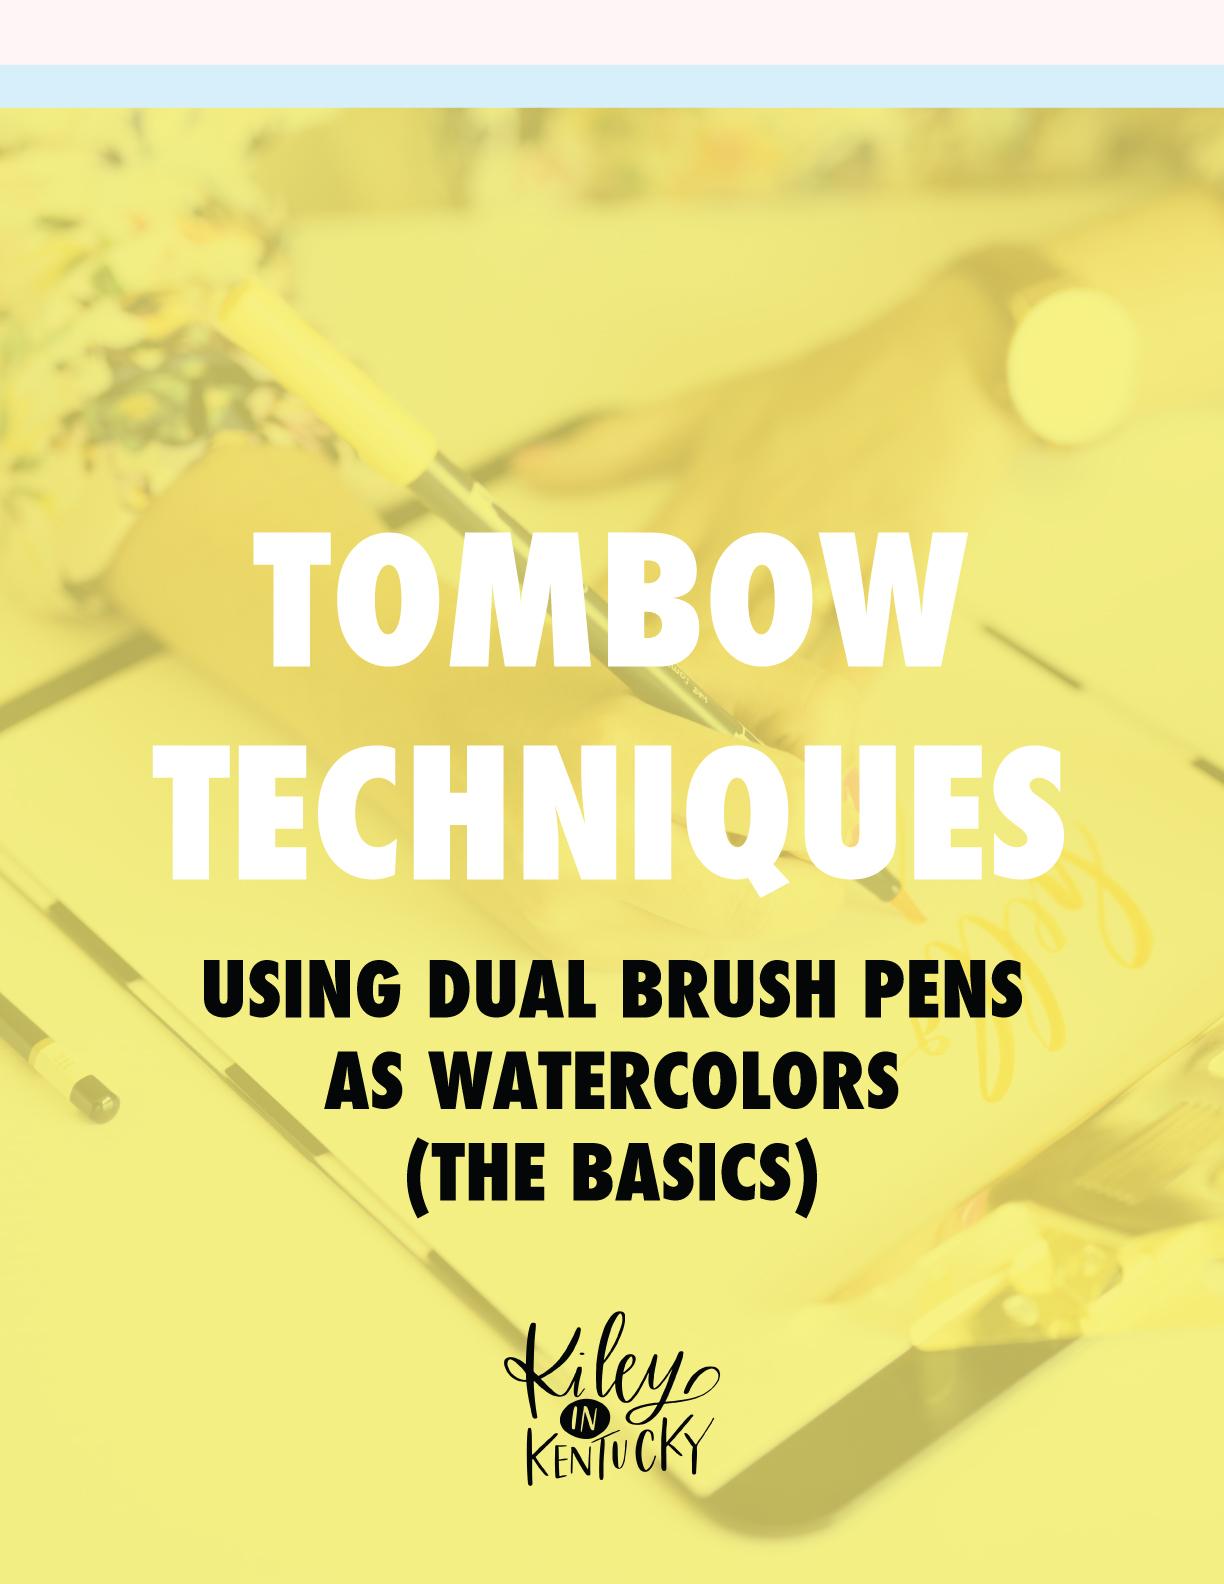 Tombow Dual Brush Pens as Watercolors